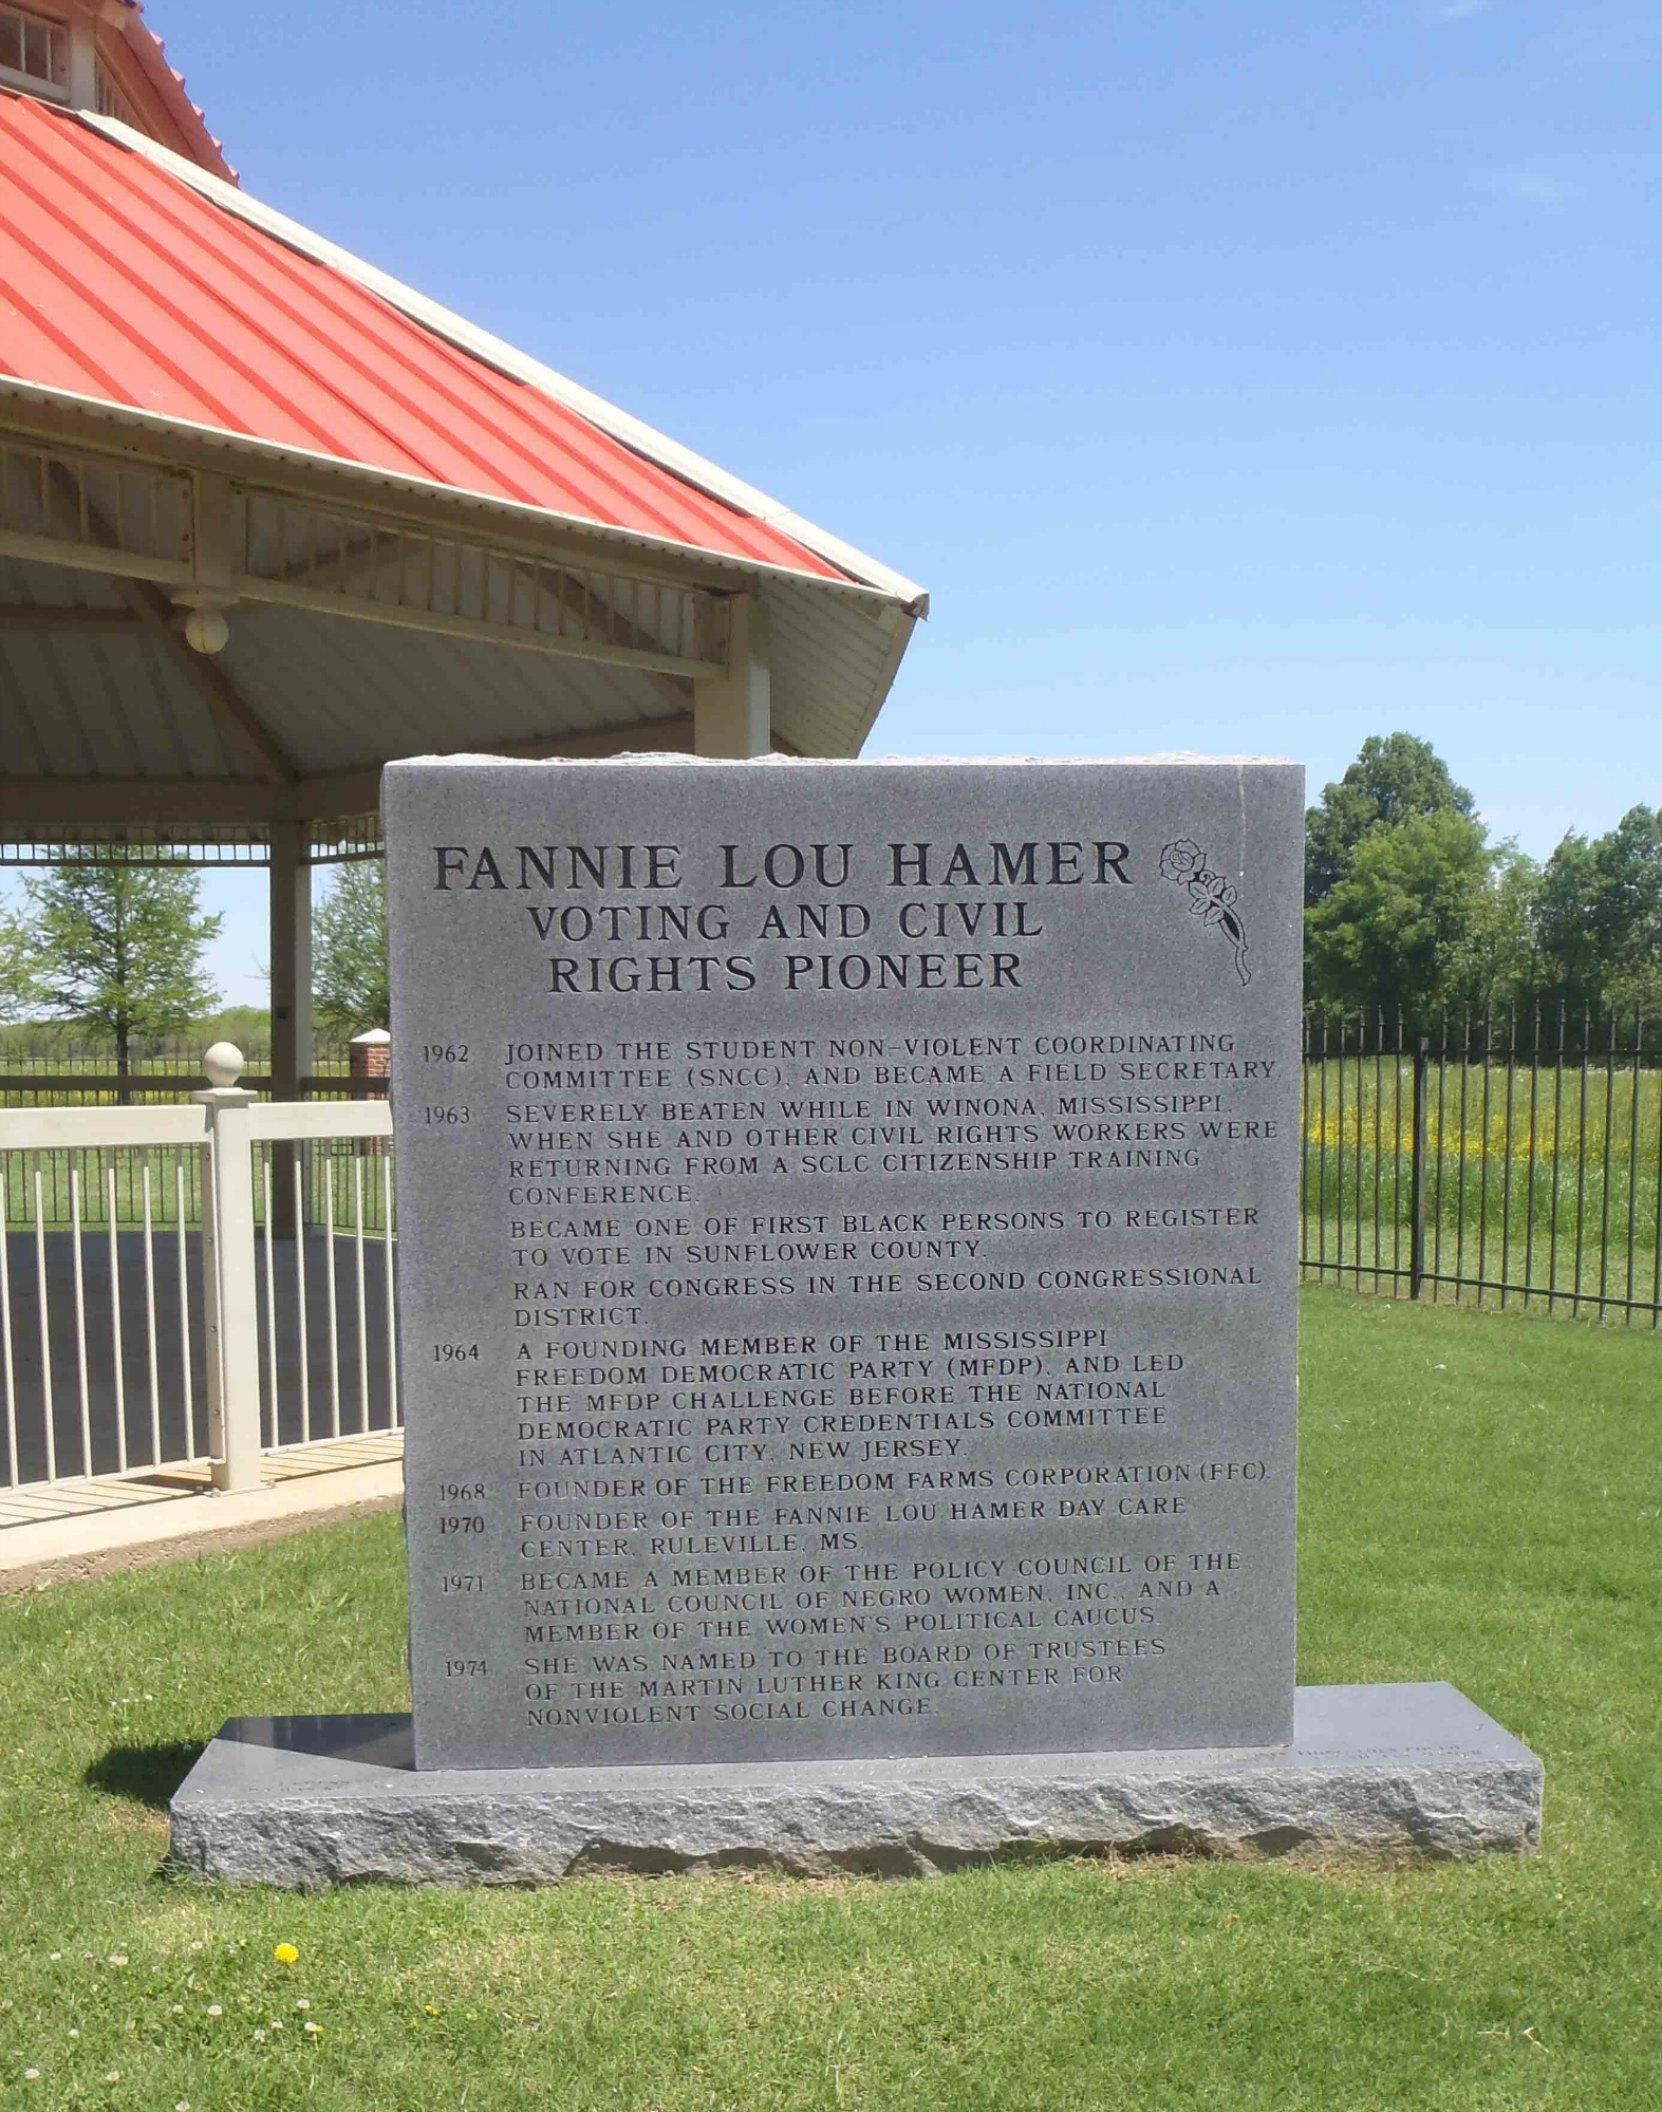 Fanny Lou Hamer commemorative plaque, Fanny Lou Hamer Memorial Garden, Ruleville, Mississippi